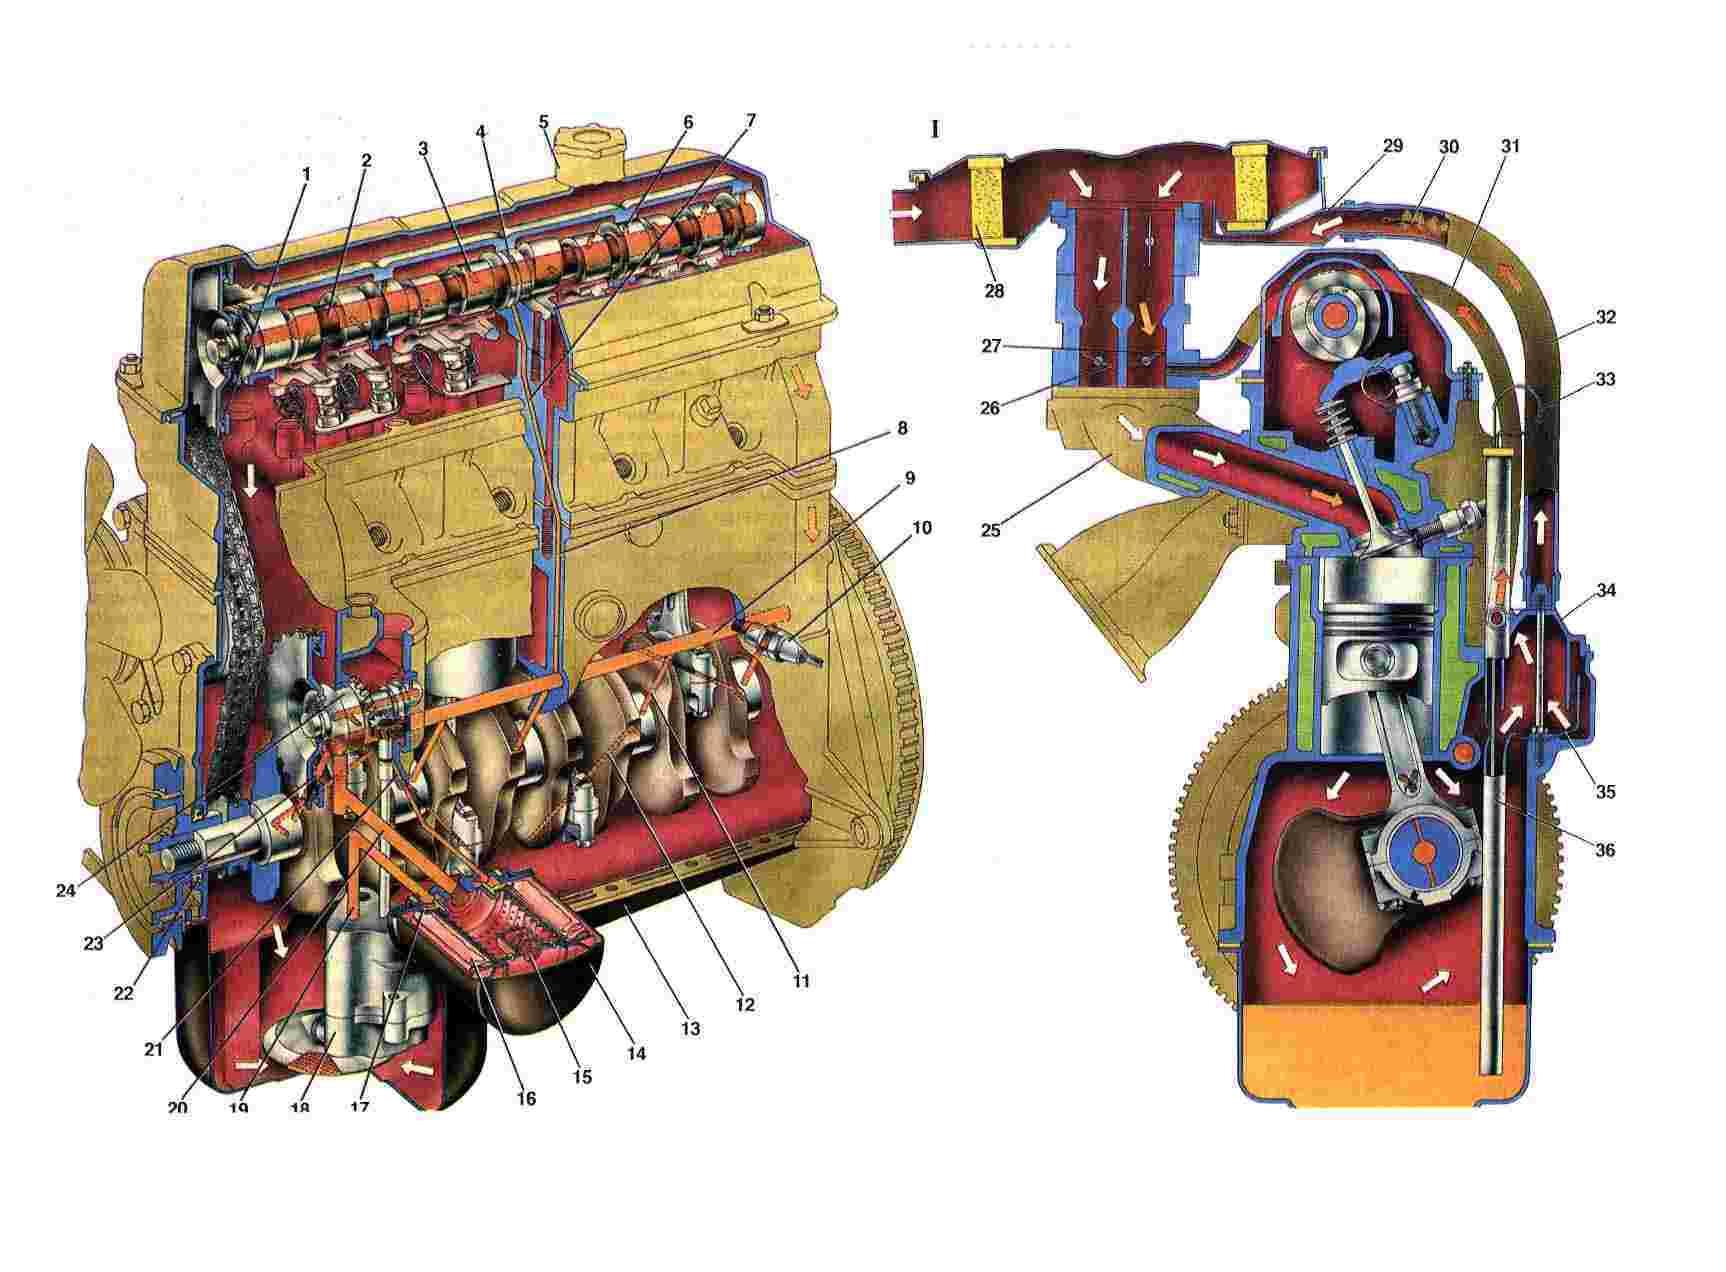 Рис. 4. Система смазки двигателя: 1. Отверстие в звездочке для смазывания цепи; 2. Магистральный канал в...